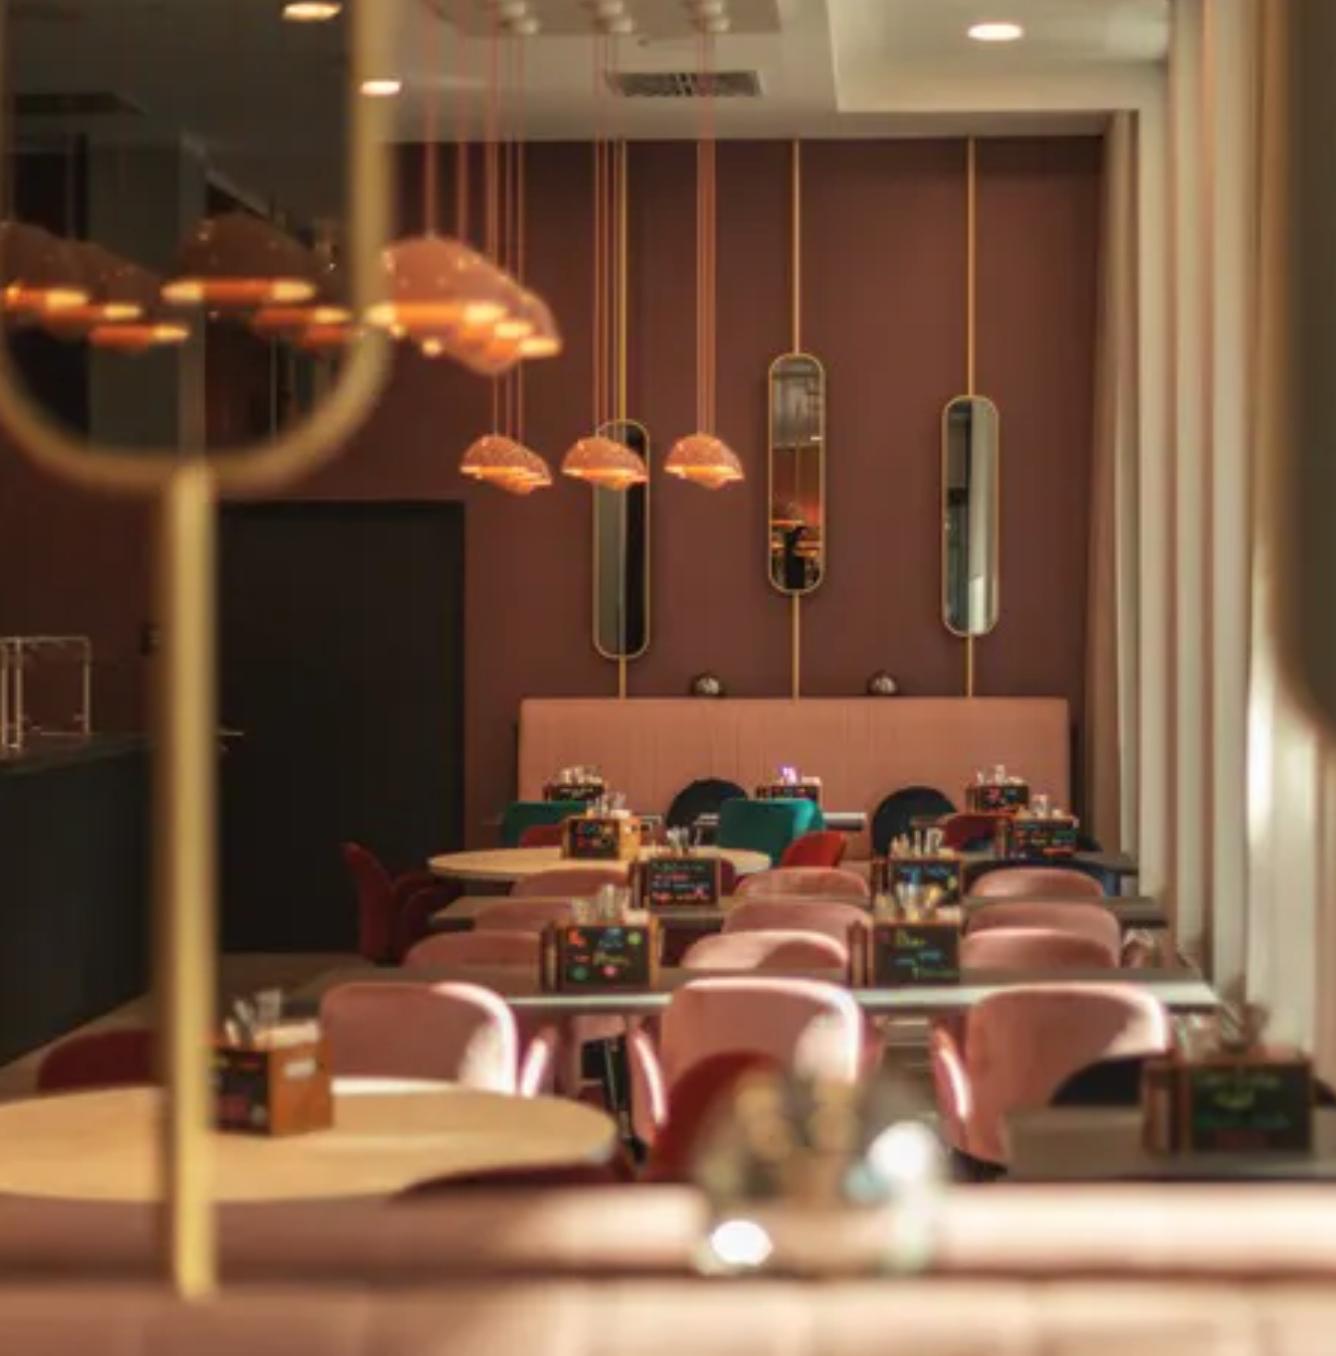 München: 3*Design-Hotel the niu Loco - Doppelzimmer inkl. Frühstücksbox und Coffee to go - gratis Storno - August bis Januar